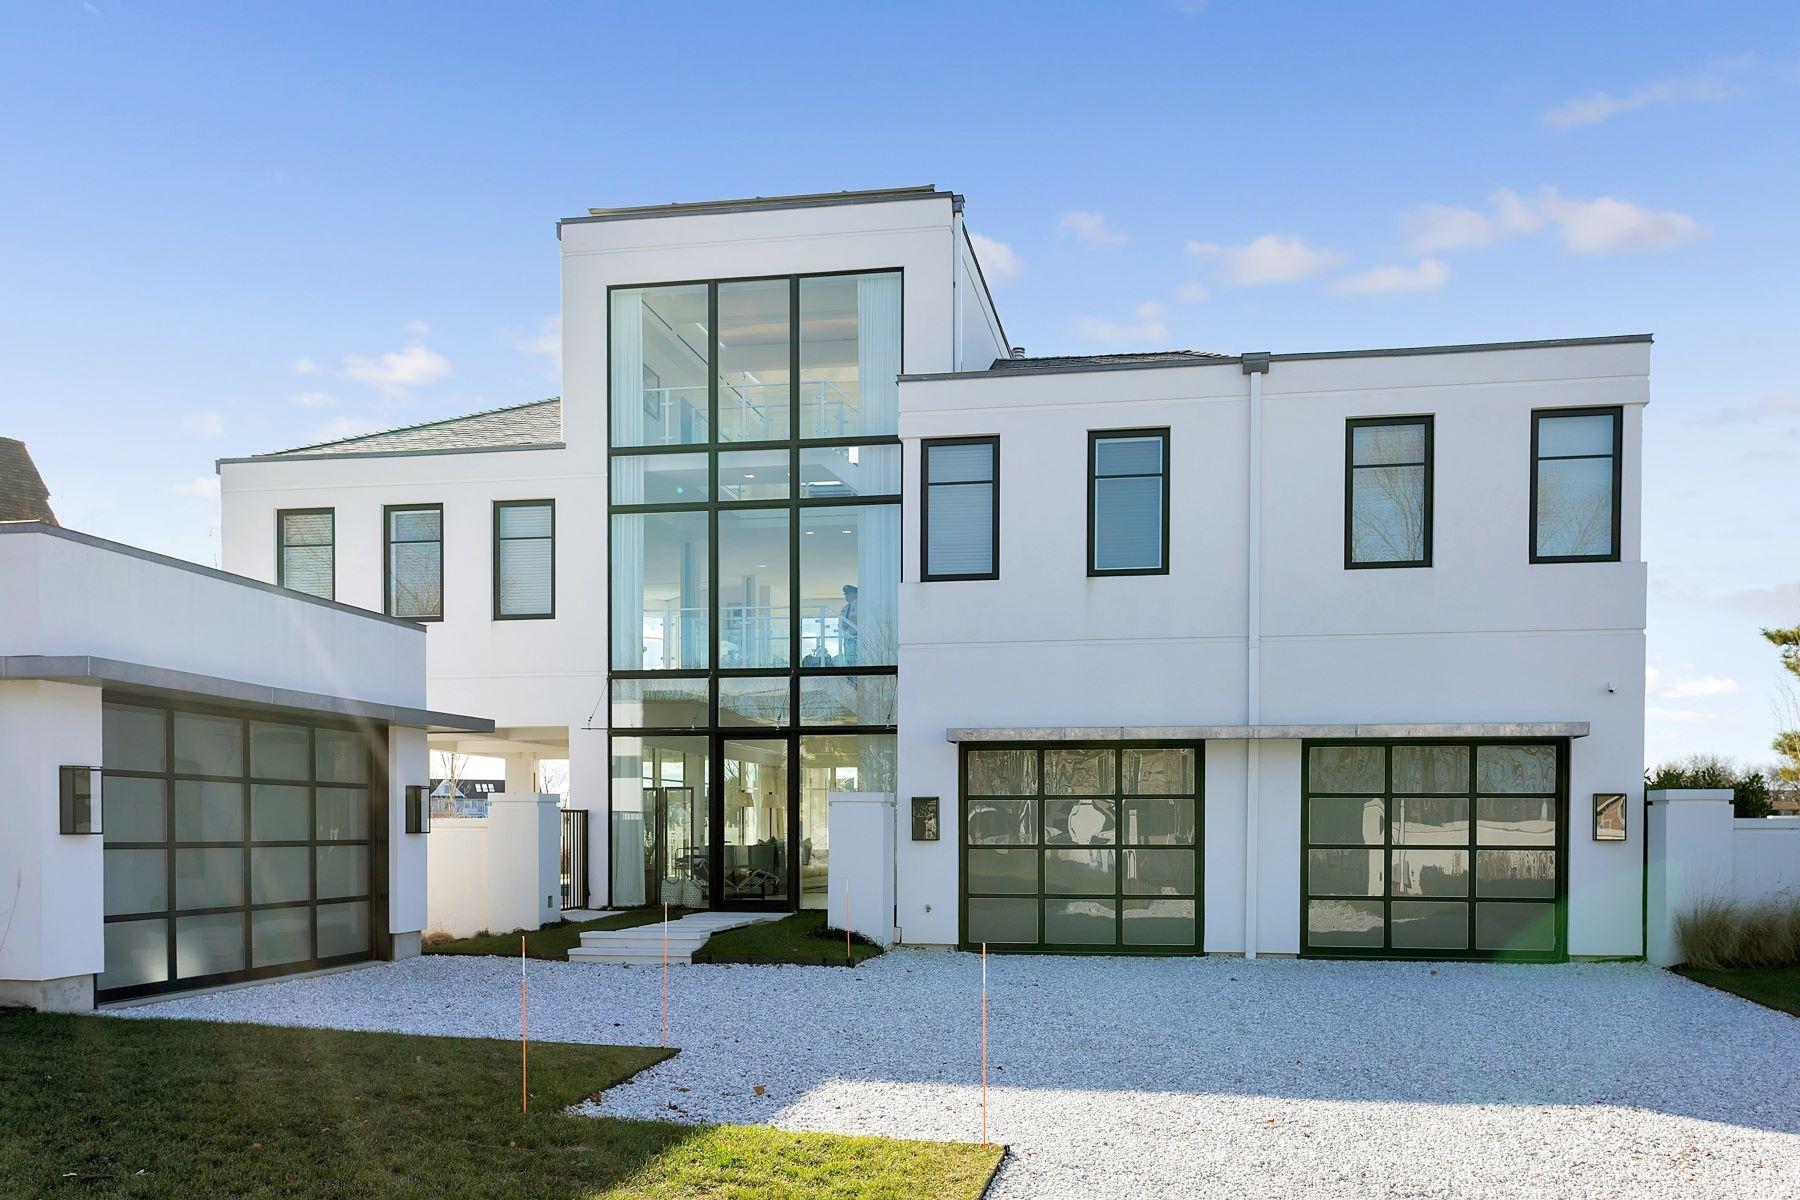 Частный односемейный дом для того Продажа на 36 Bermuda Road 36 Bermuda Road Westport, Коннектикут 06880 Соединенные Штаты